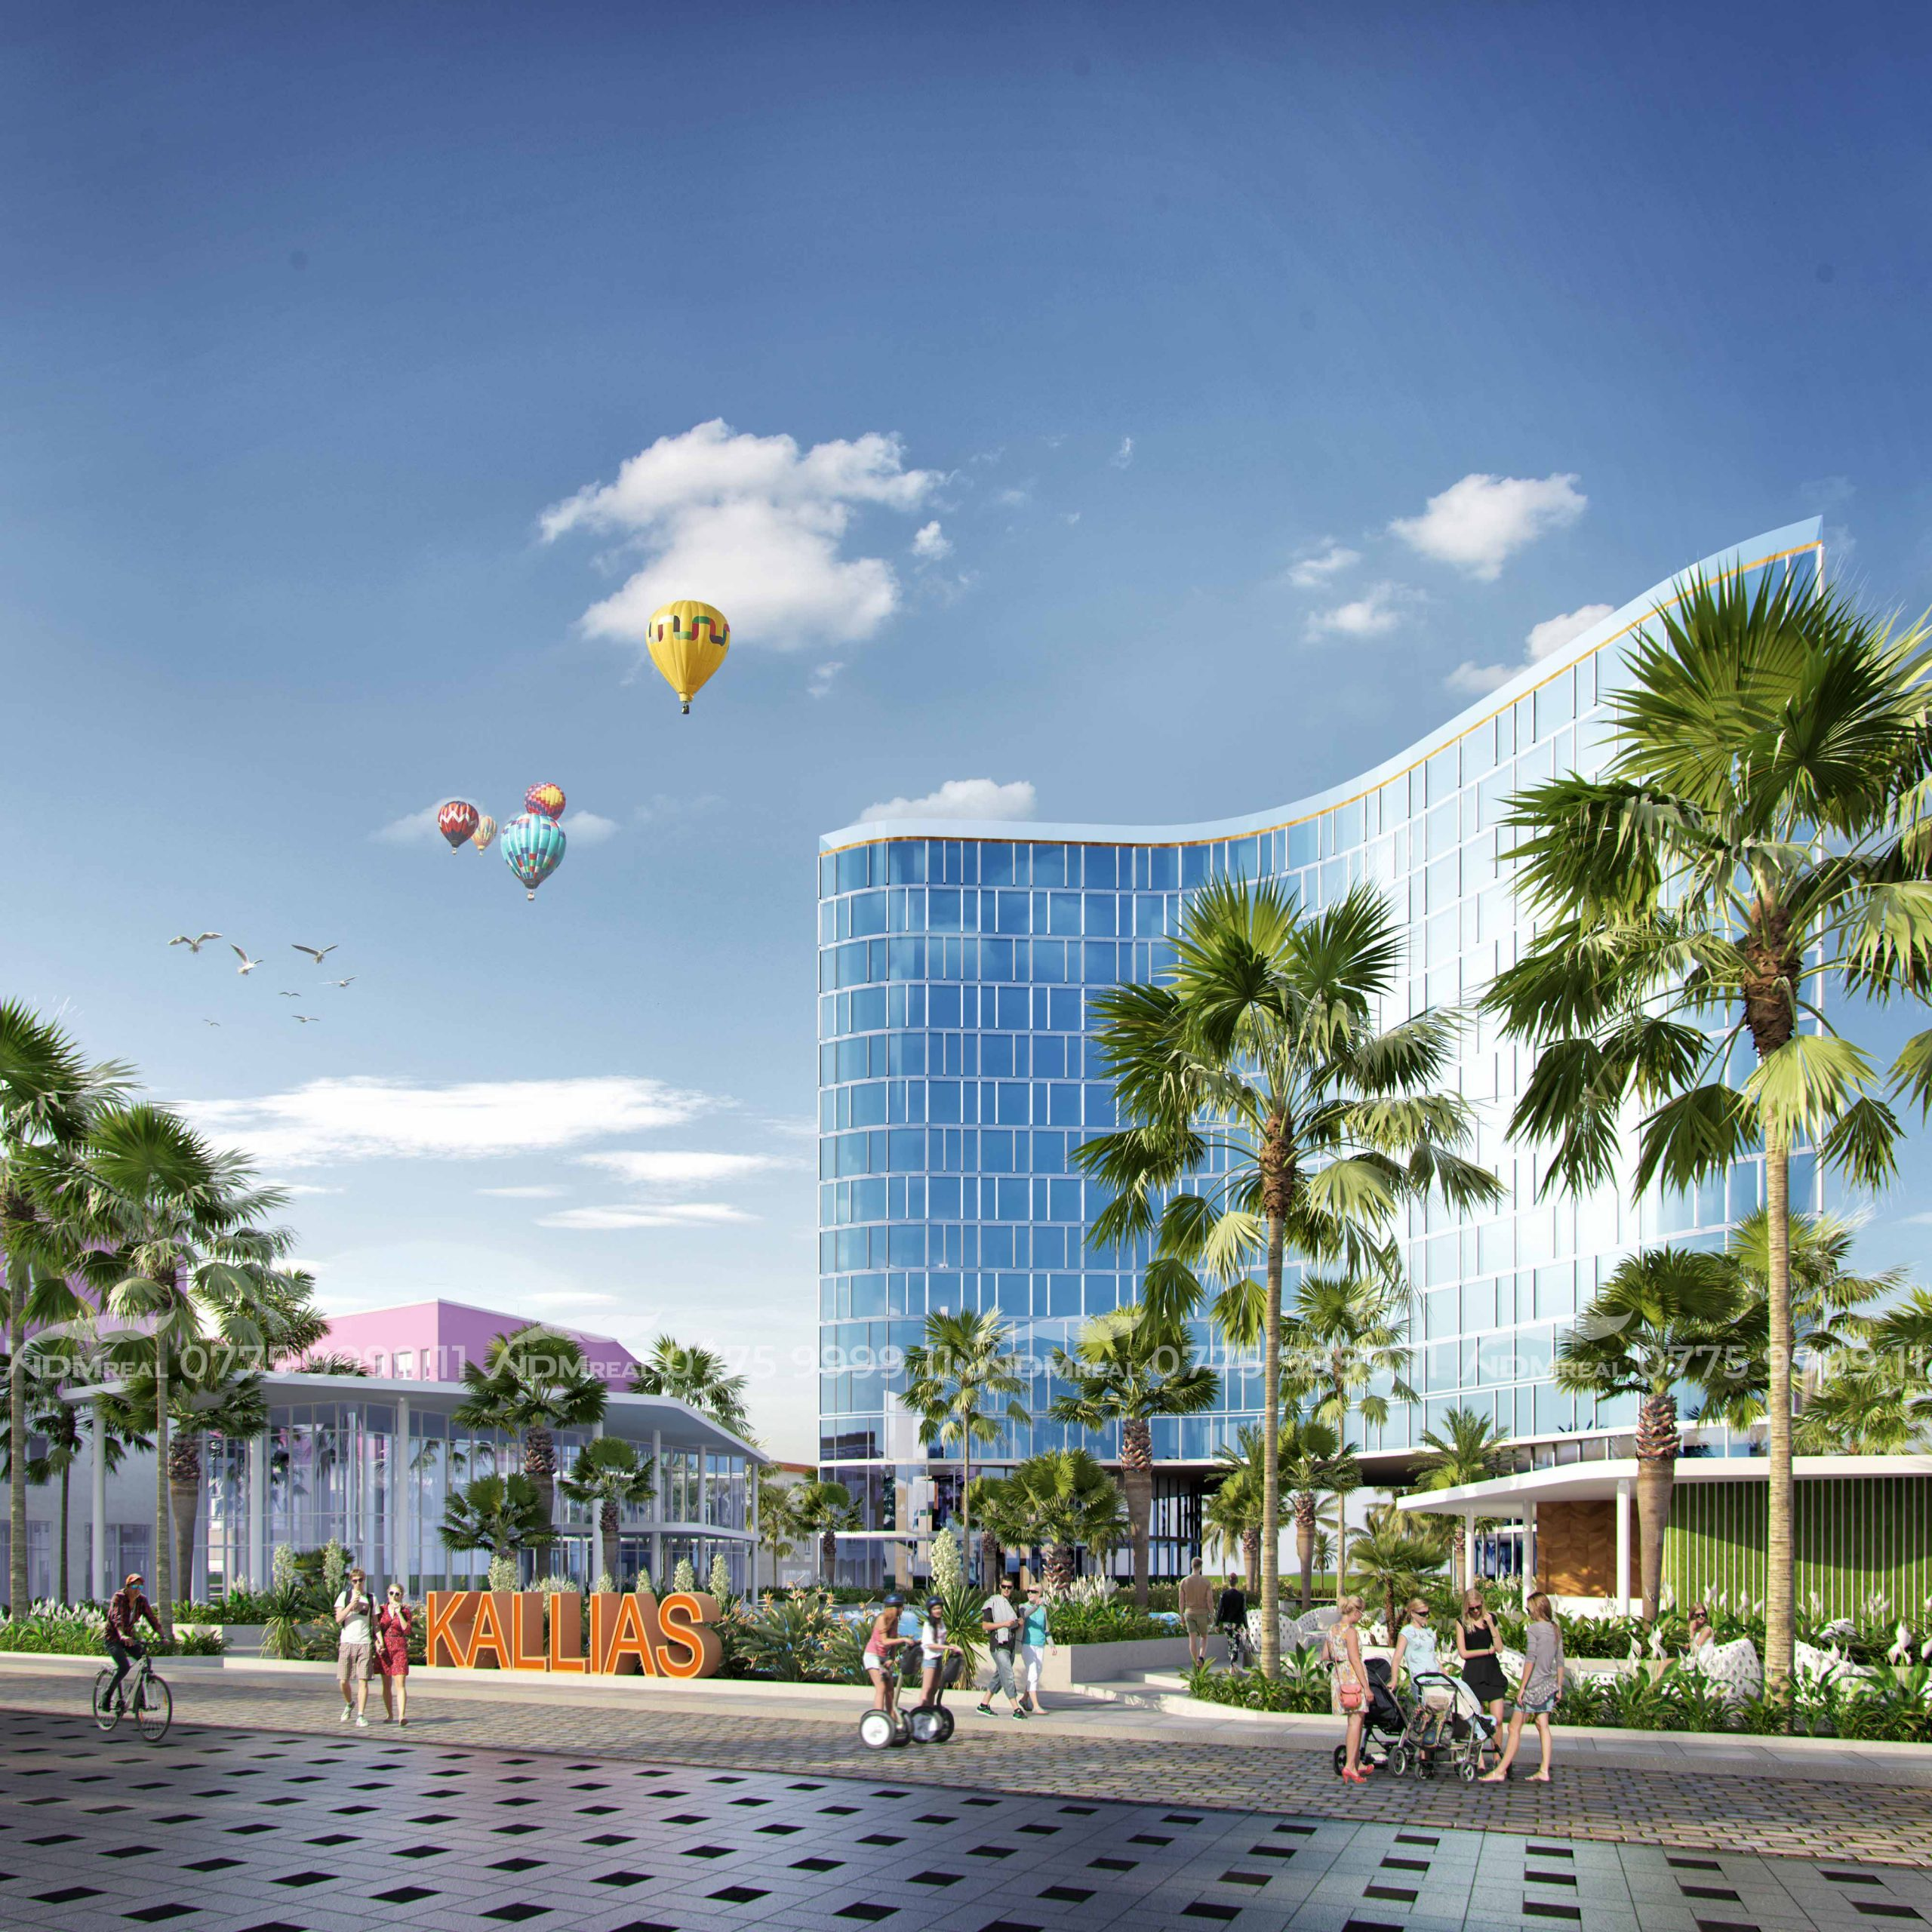 Dự án Kallias Complex City - Nghỉ dưỡng ven biển Phú Yên